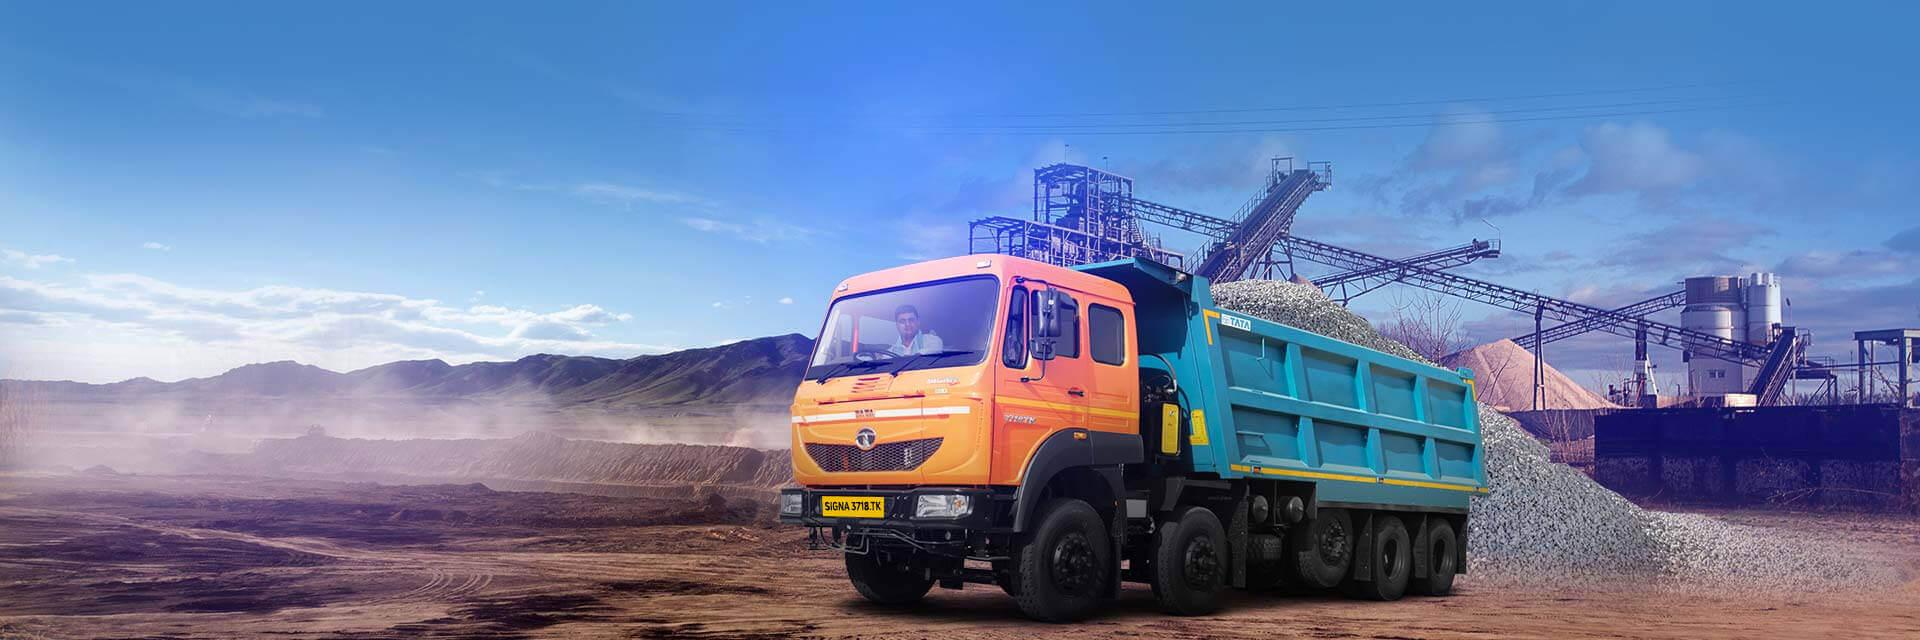 Tata Signa 3718K Trucks